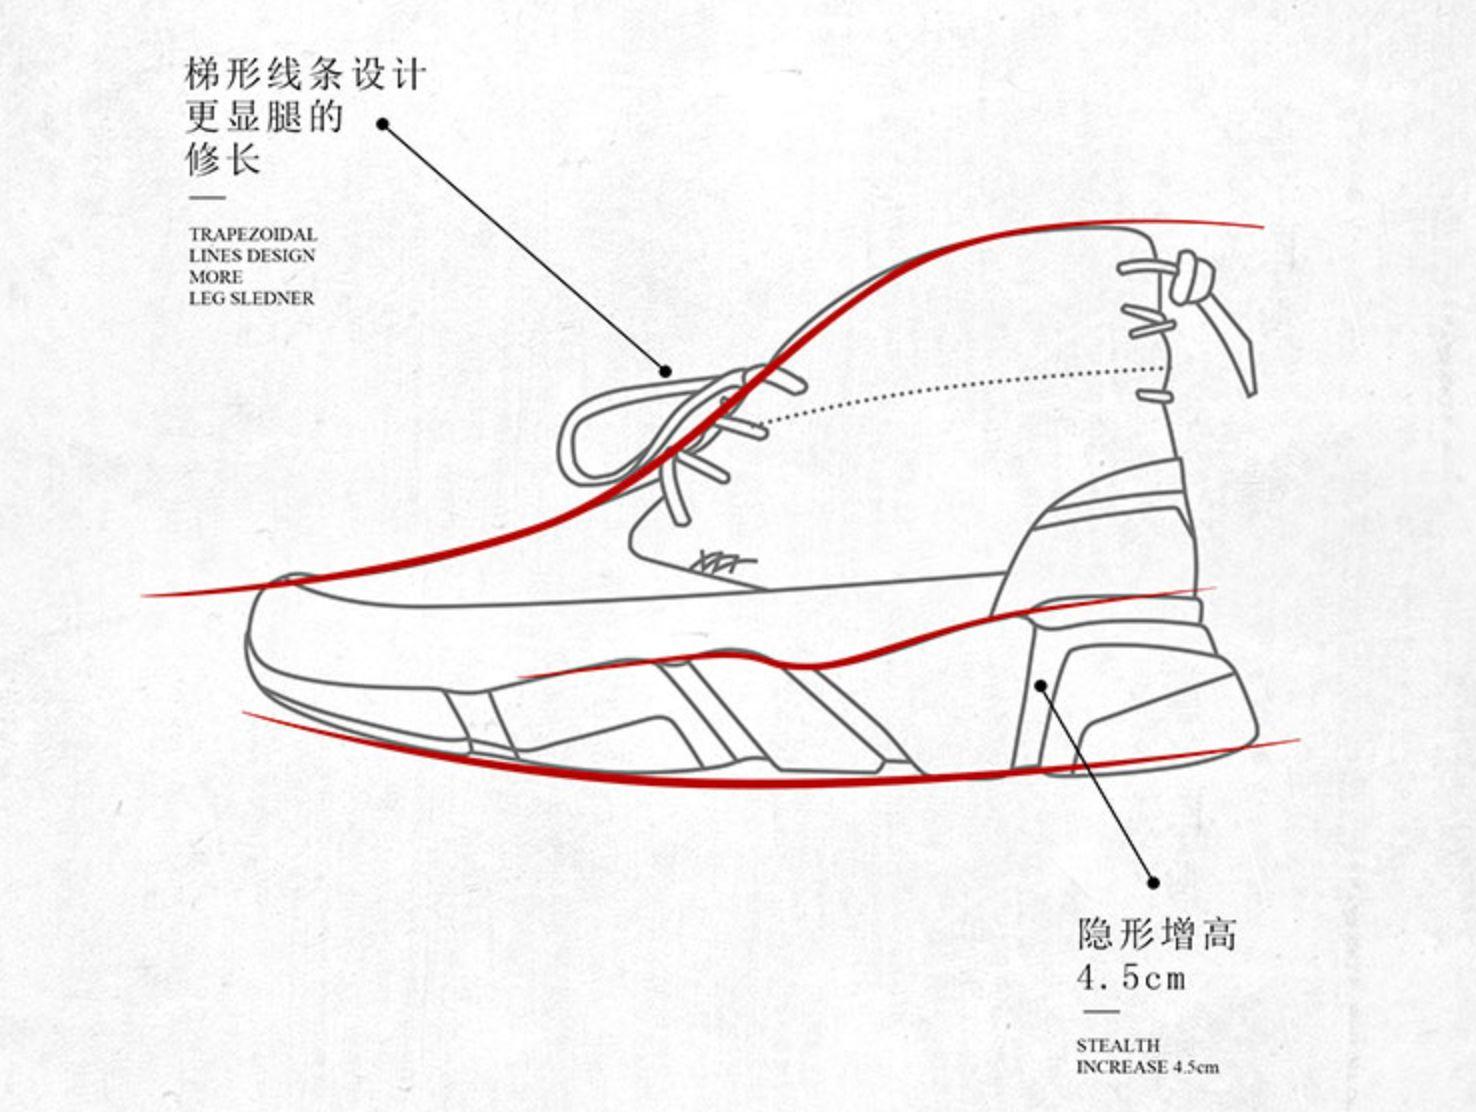 太TM帅了!!!这双颜值爆表的雪地靴,才是潮女型男刷街标配!!! - 后花园网文 - 科技新闻